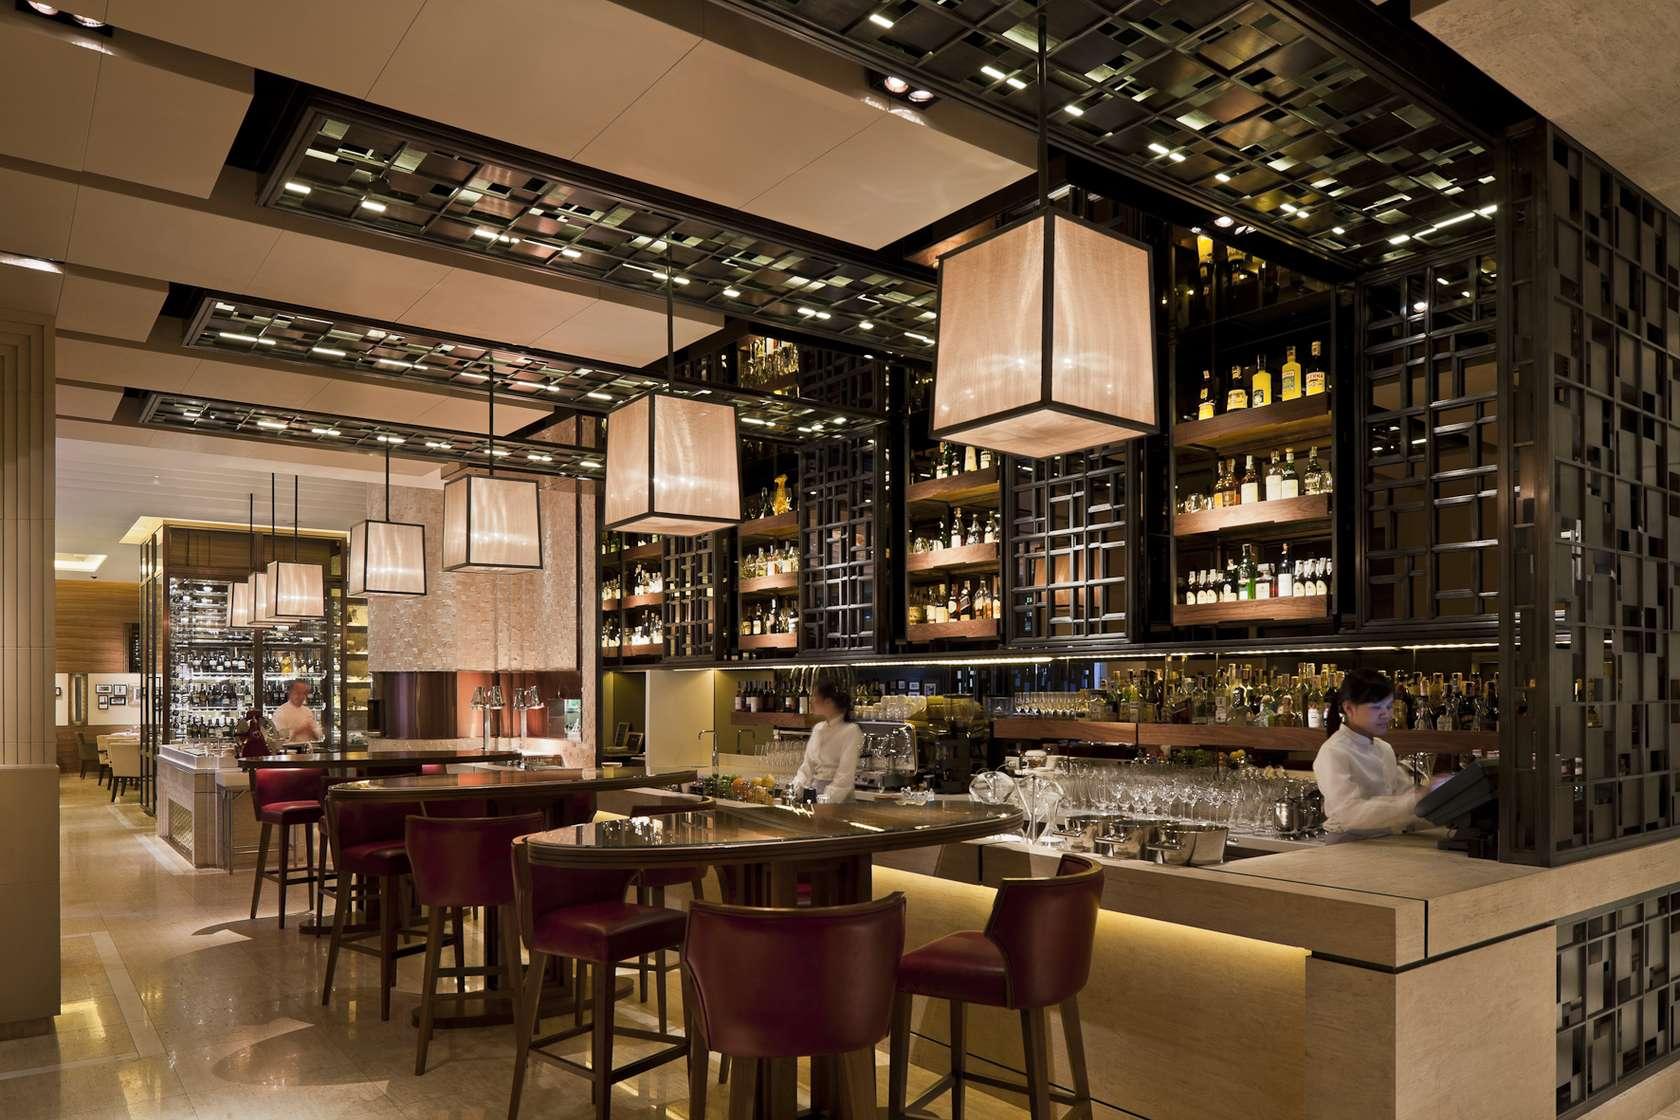 Jojo restaurant st regis hotel bangkok architizer for Table design for restaurant